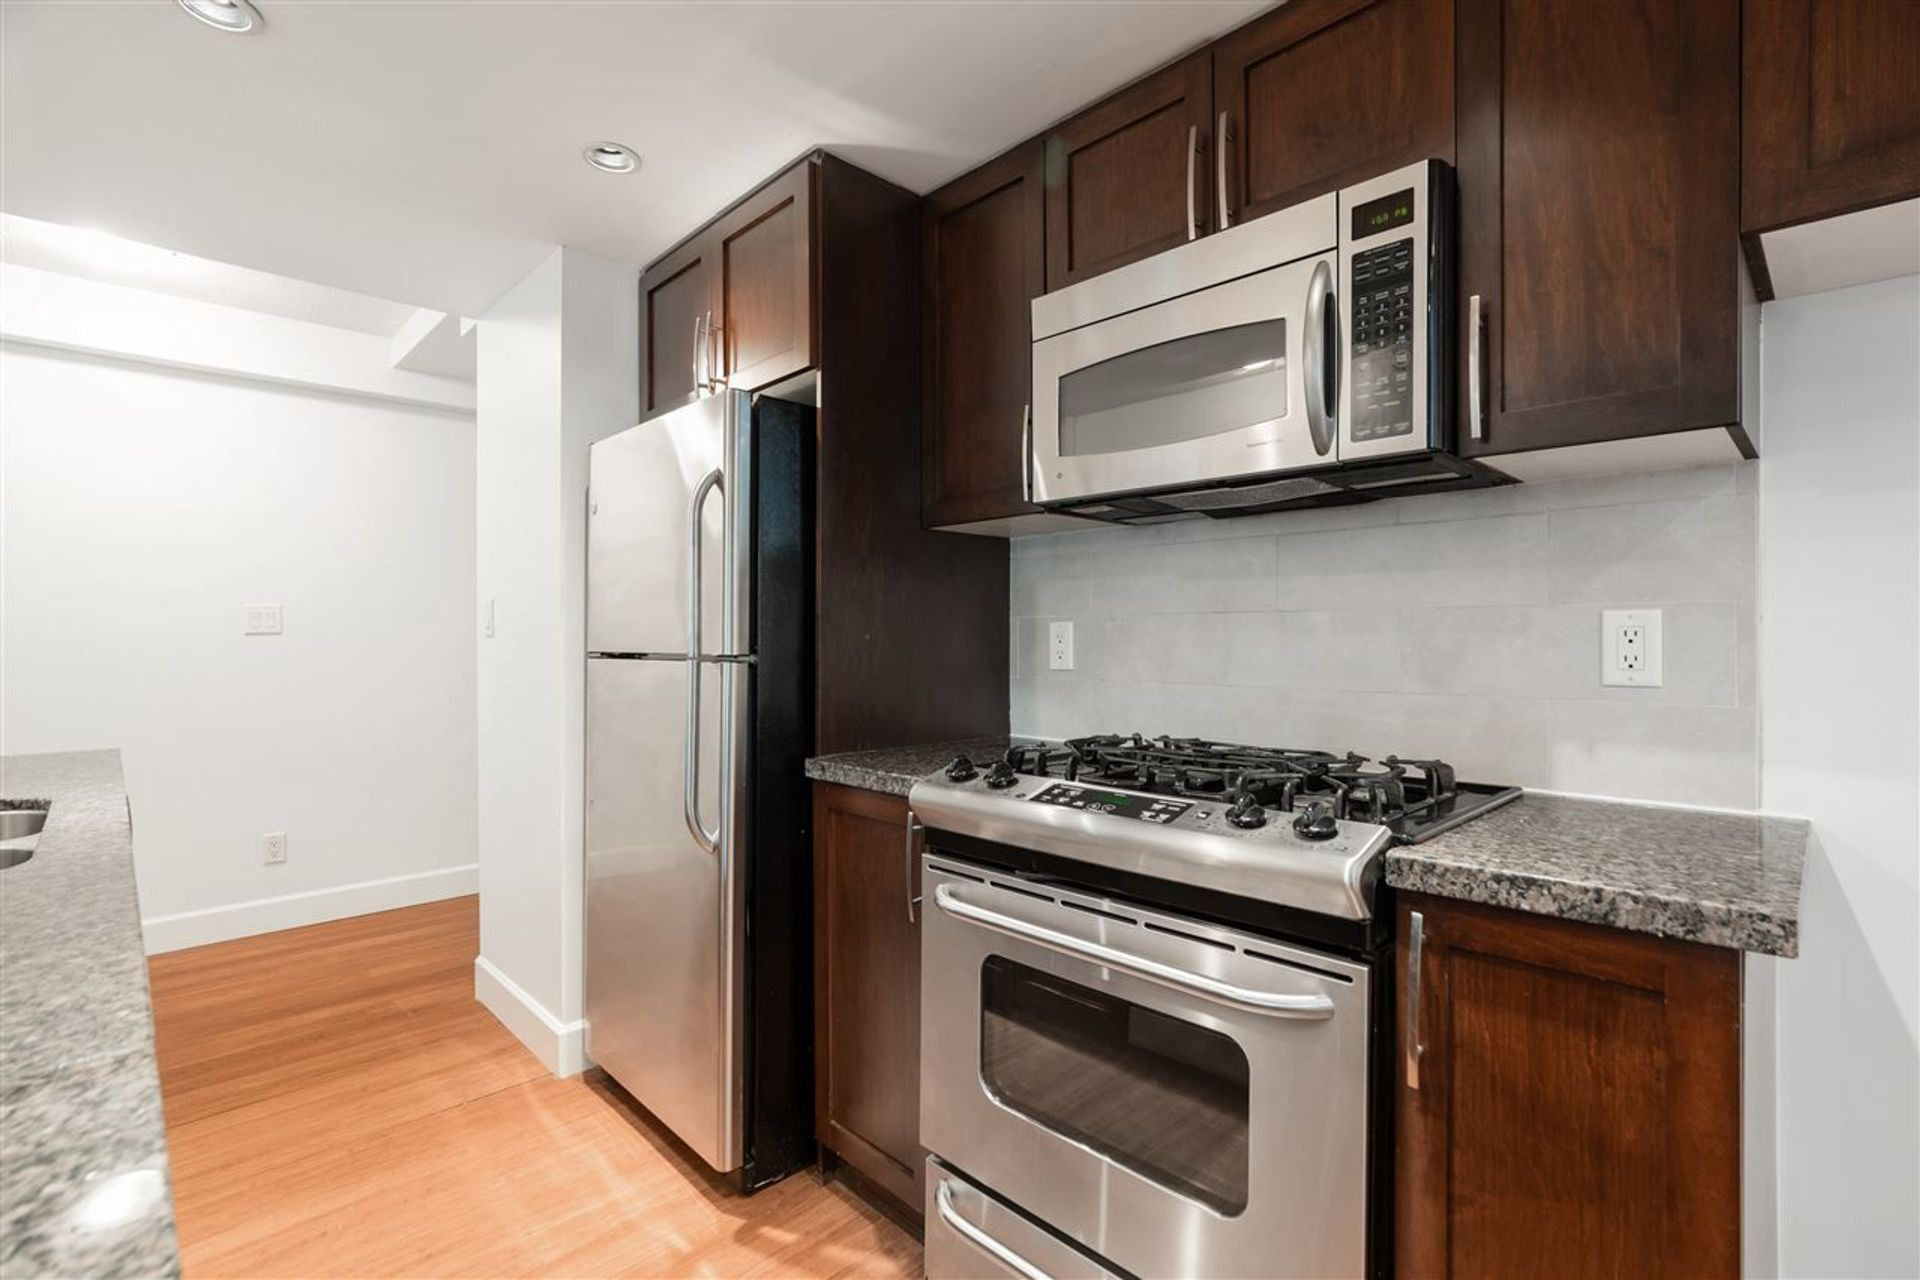 3811-hastings-street-vancouver-heights-burnaby-north-14 at 103 - 3811 Hastings Street, Vancouver Heights, Burnaby North